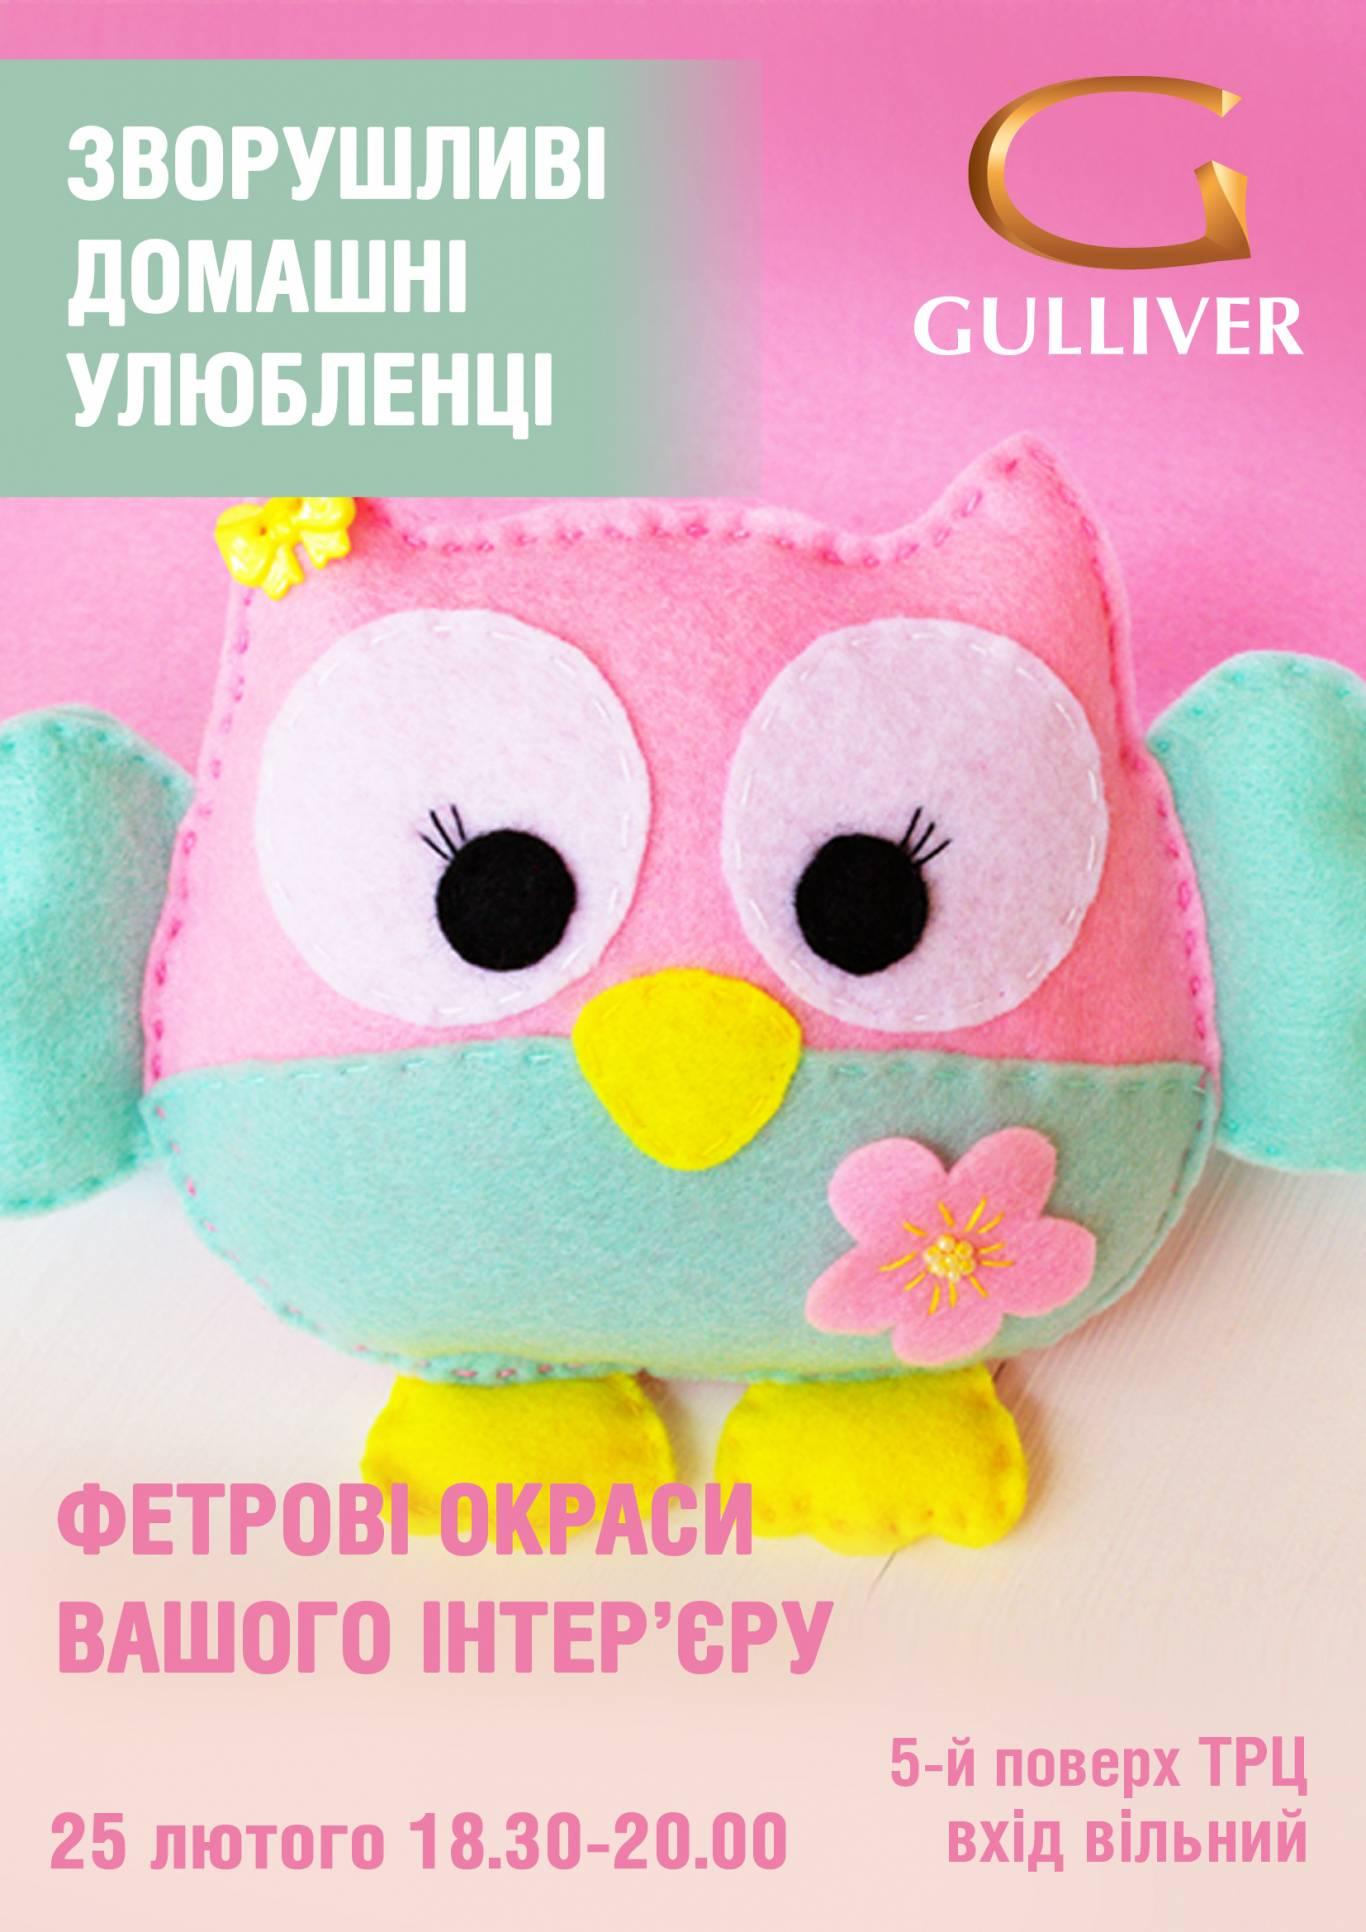 Безкоштовні майстер-класи в ТРЦ Gulliver: створення фетрових іграшок